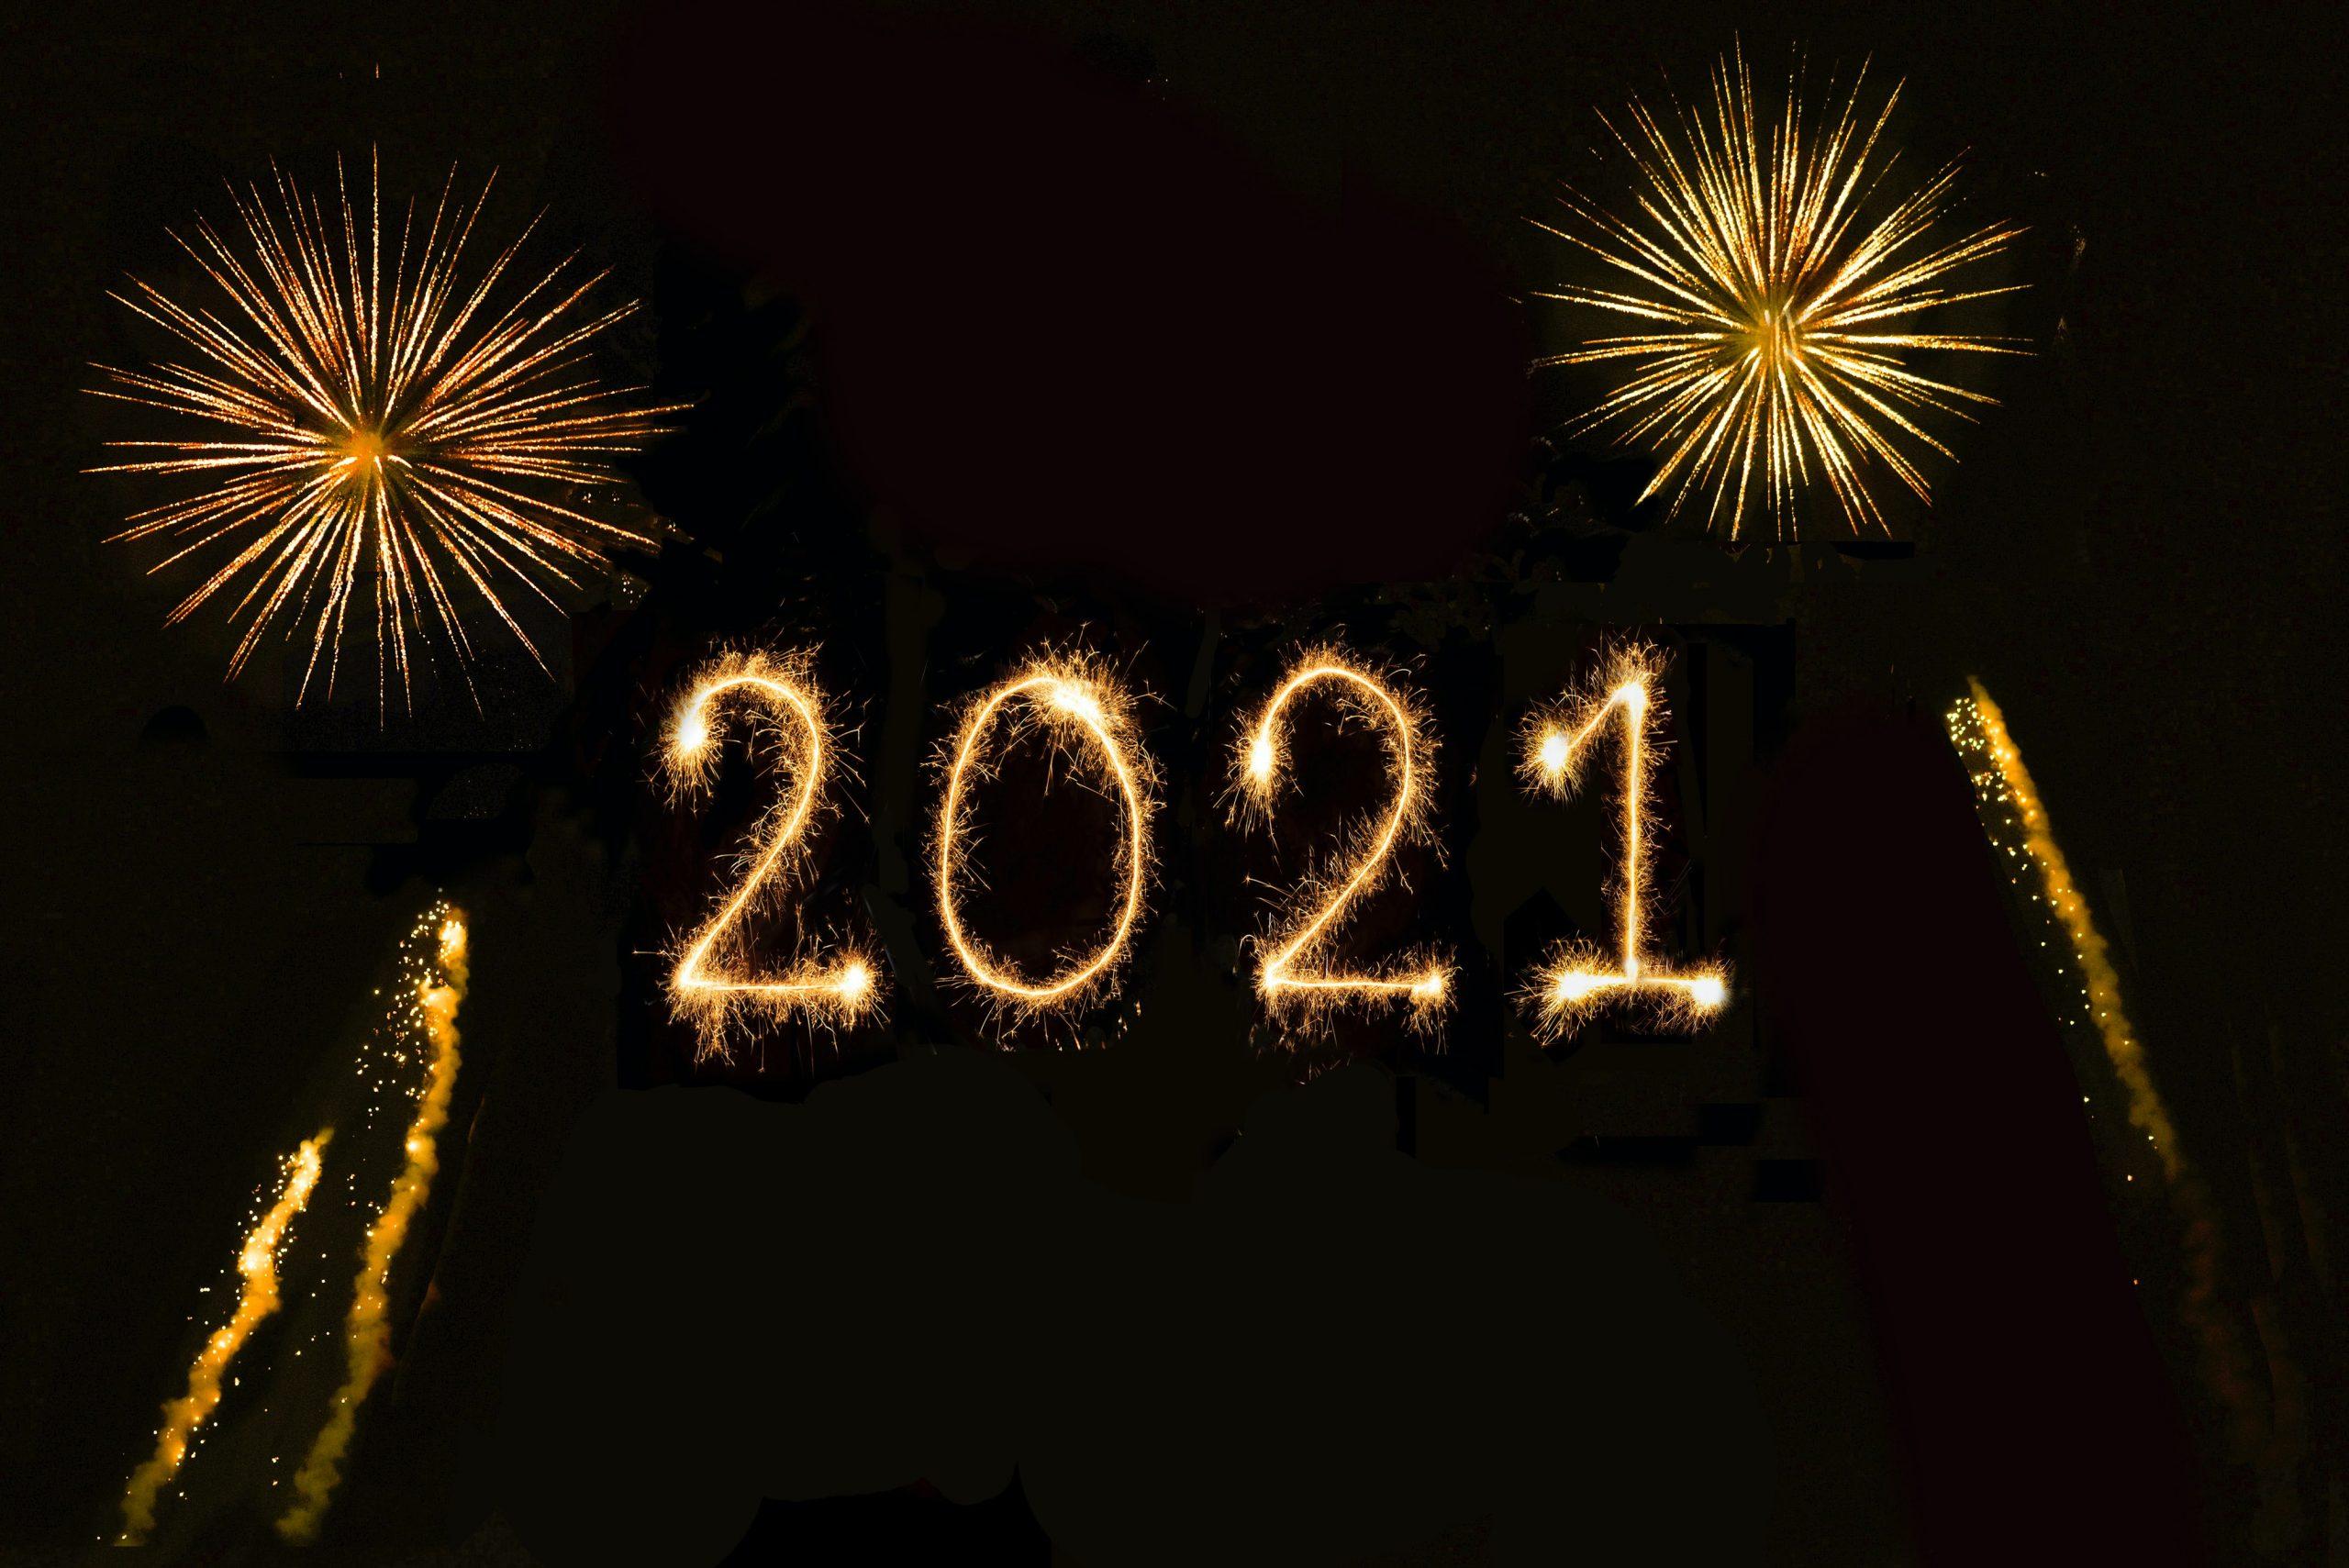 2021, soyons optimistes!